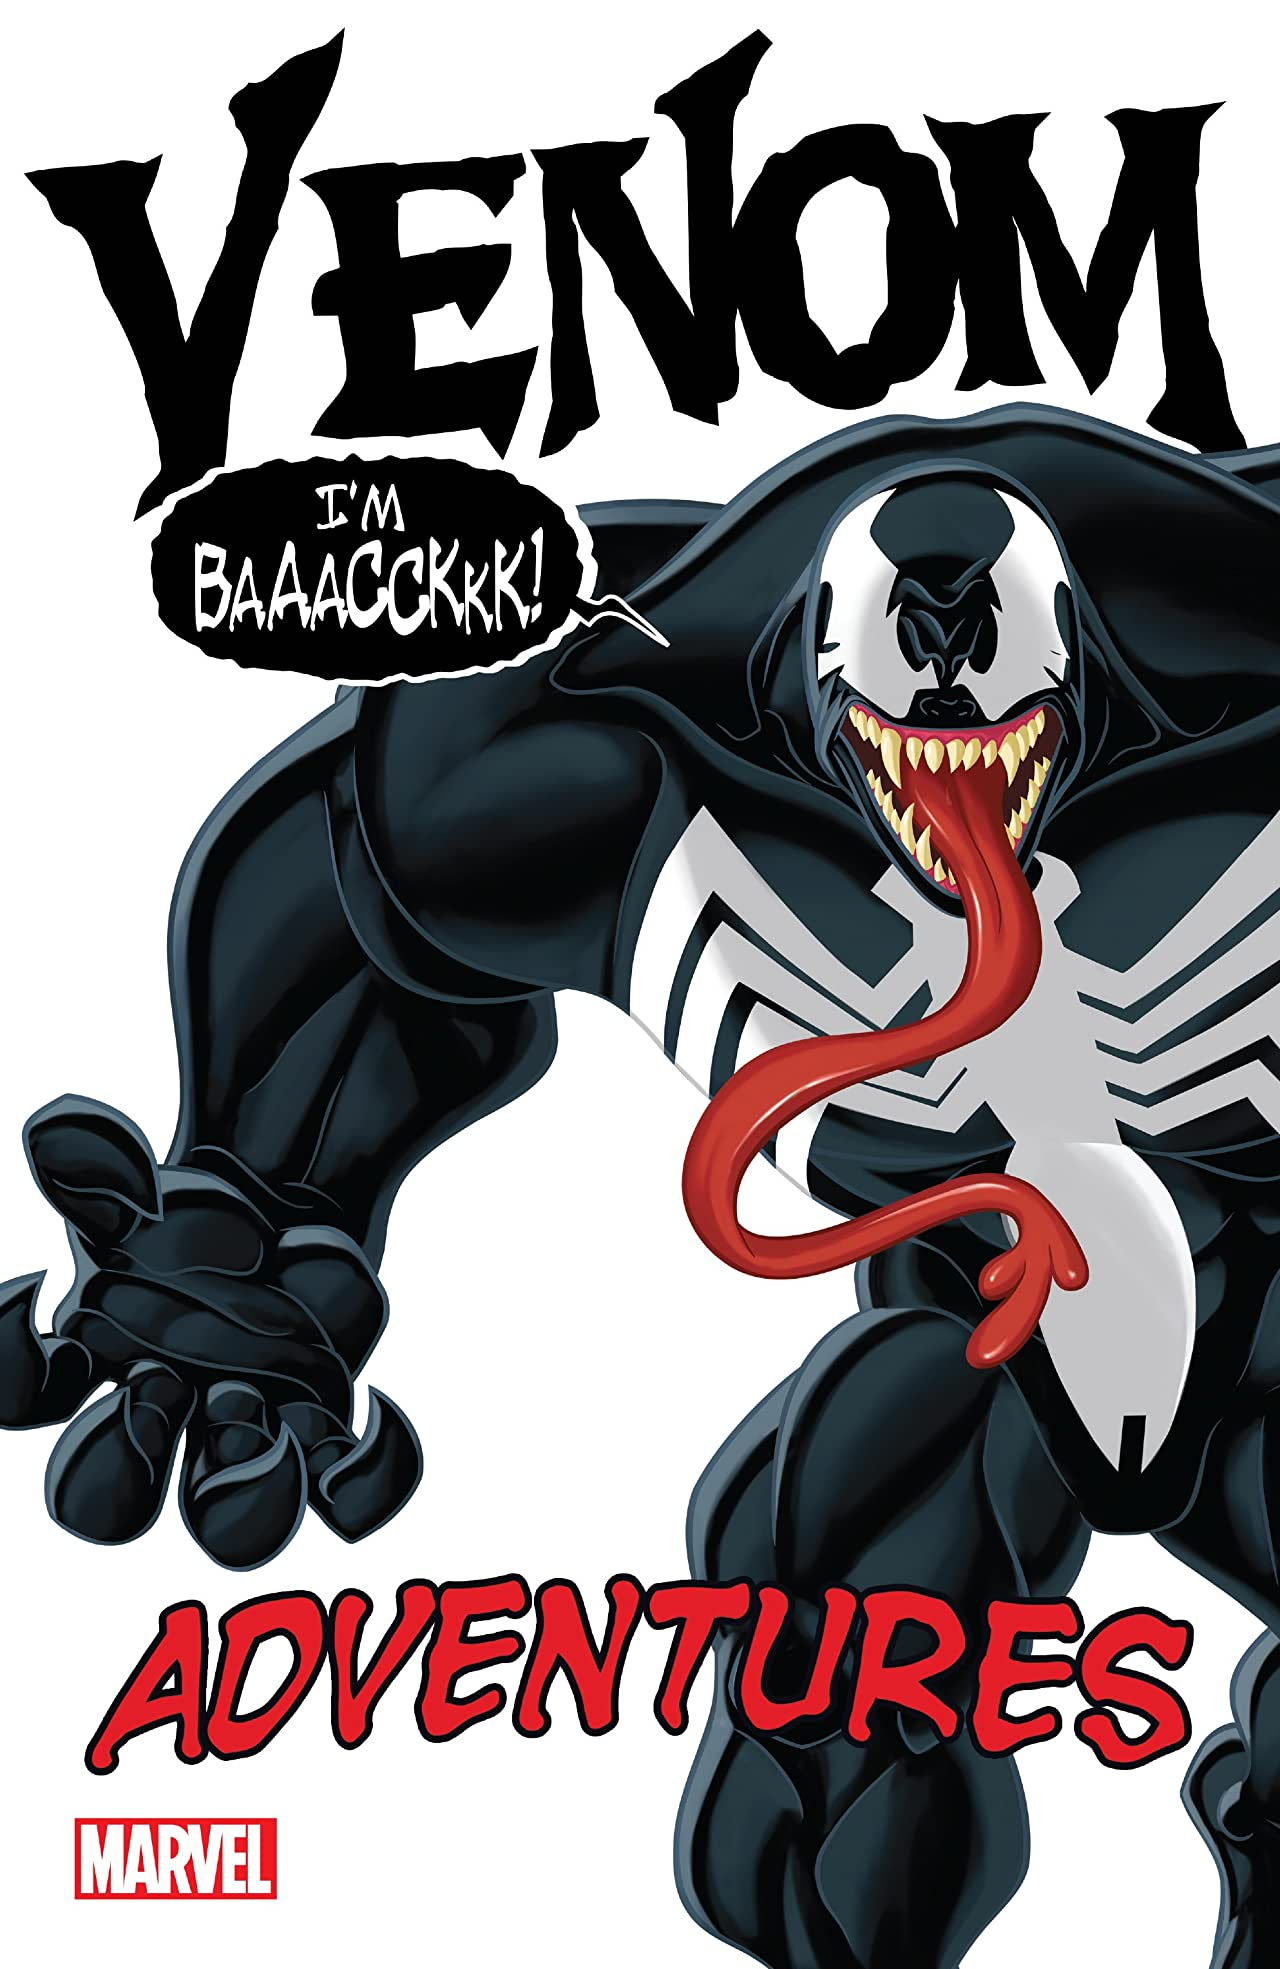 Venom Adventures